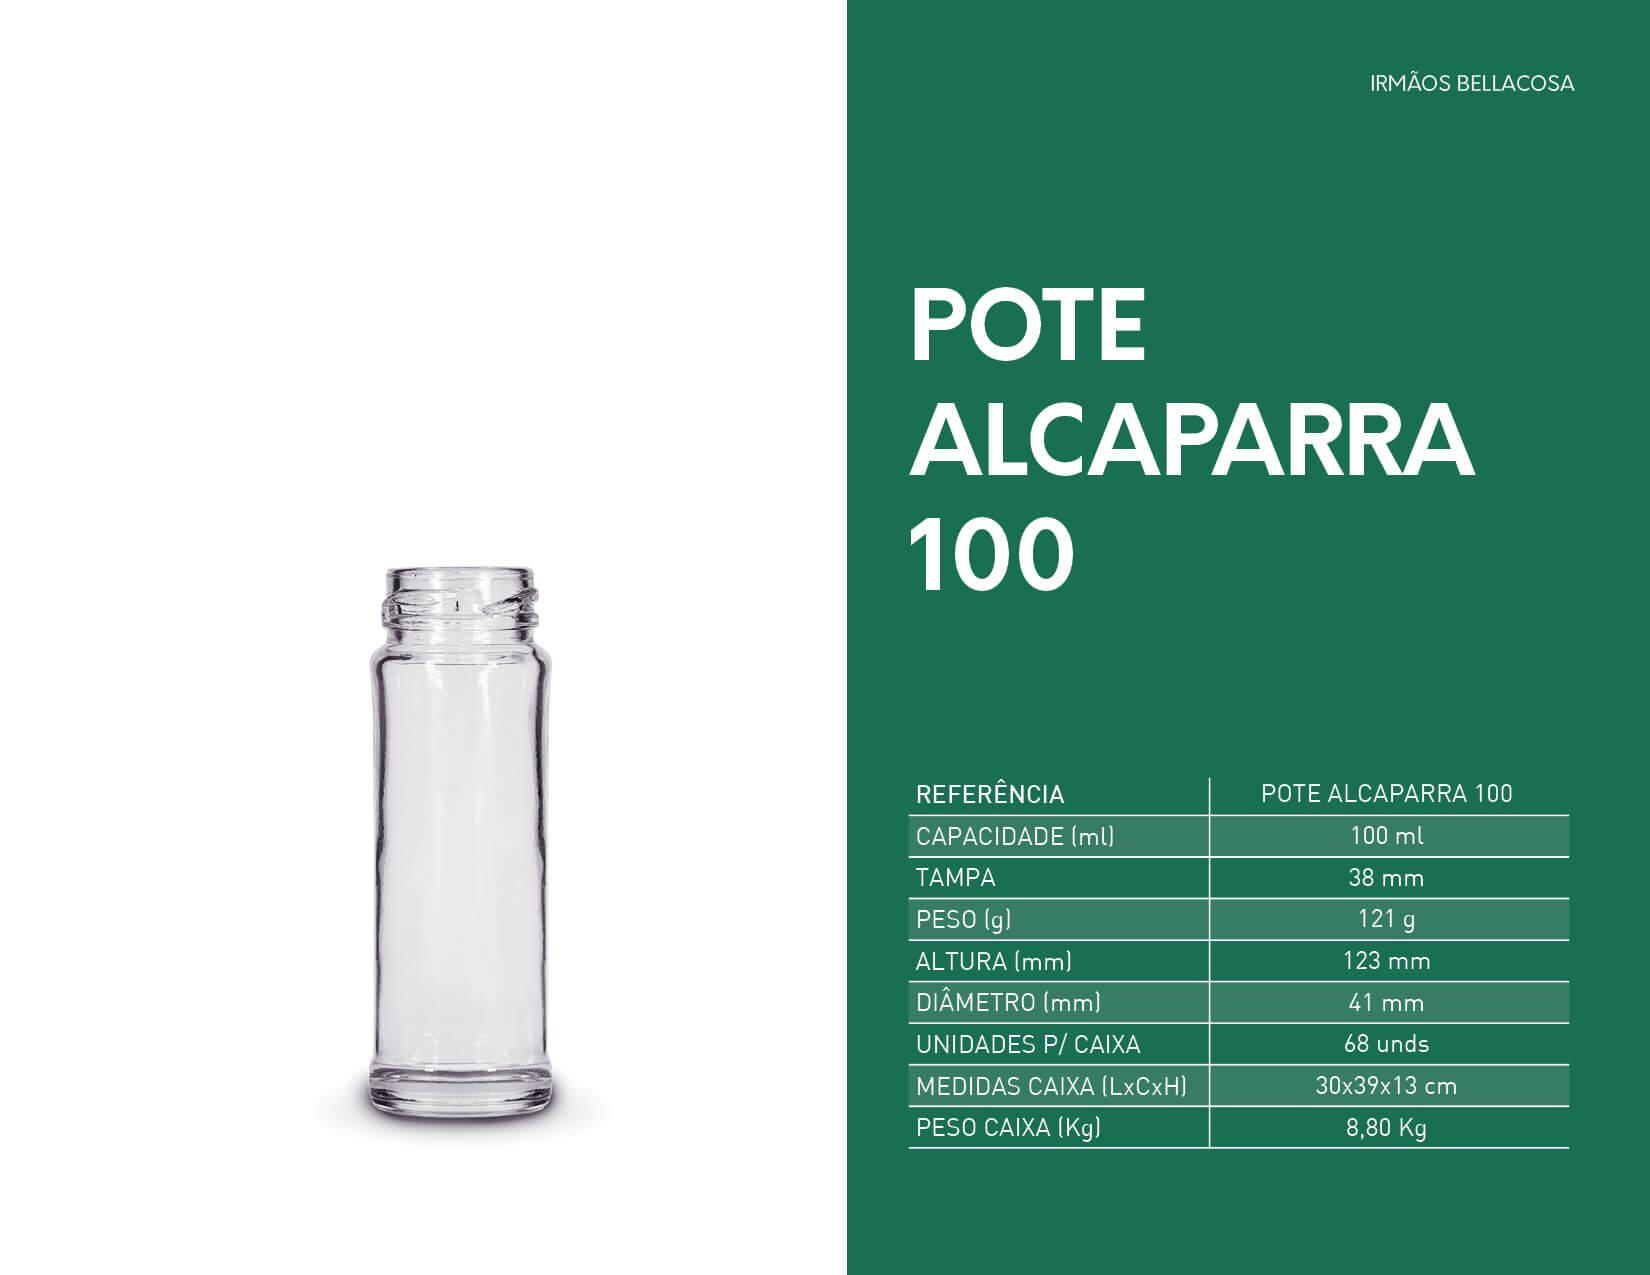 024-Pote-Alcaparra-100-irmaos-bellacosa-embalagens-de-vidro